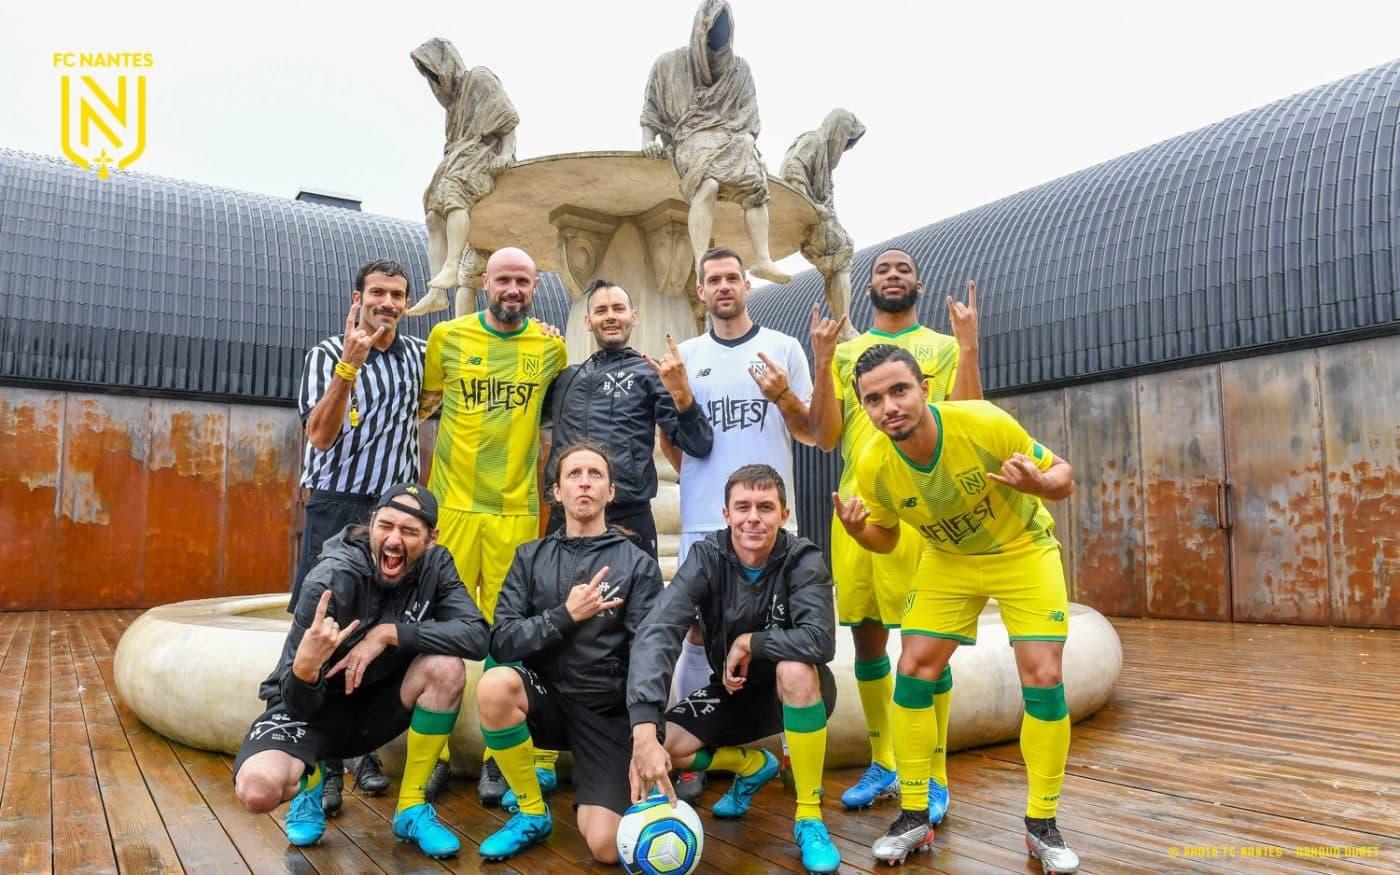 fc-nantes-hellfest-sponsor-coupe-de-la-ligue-1